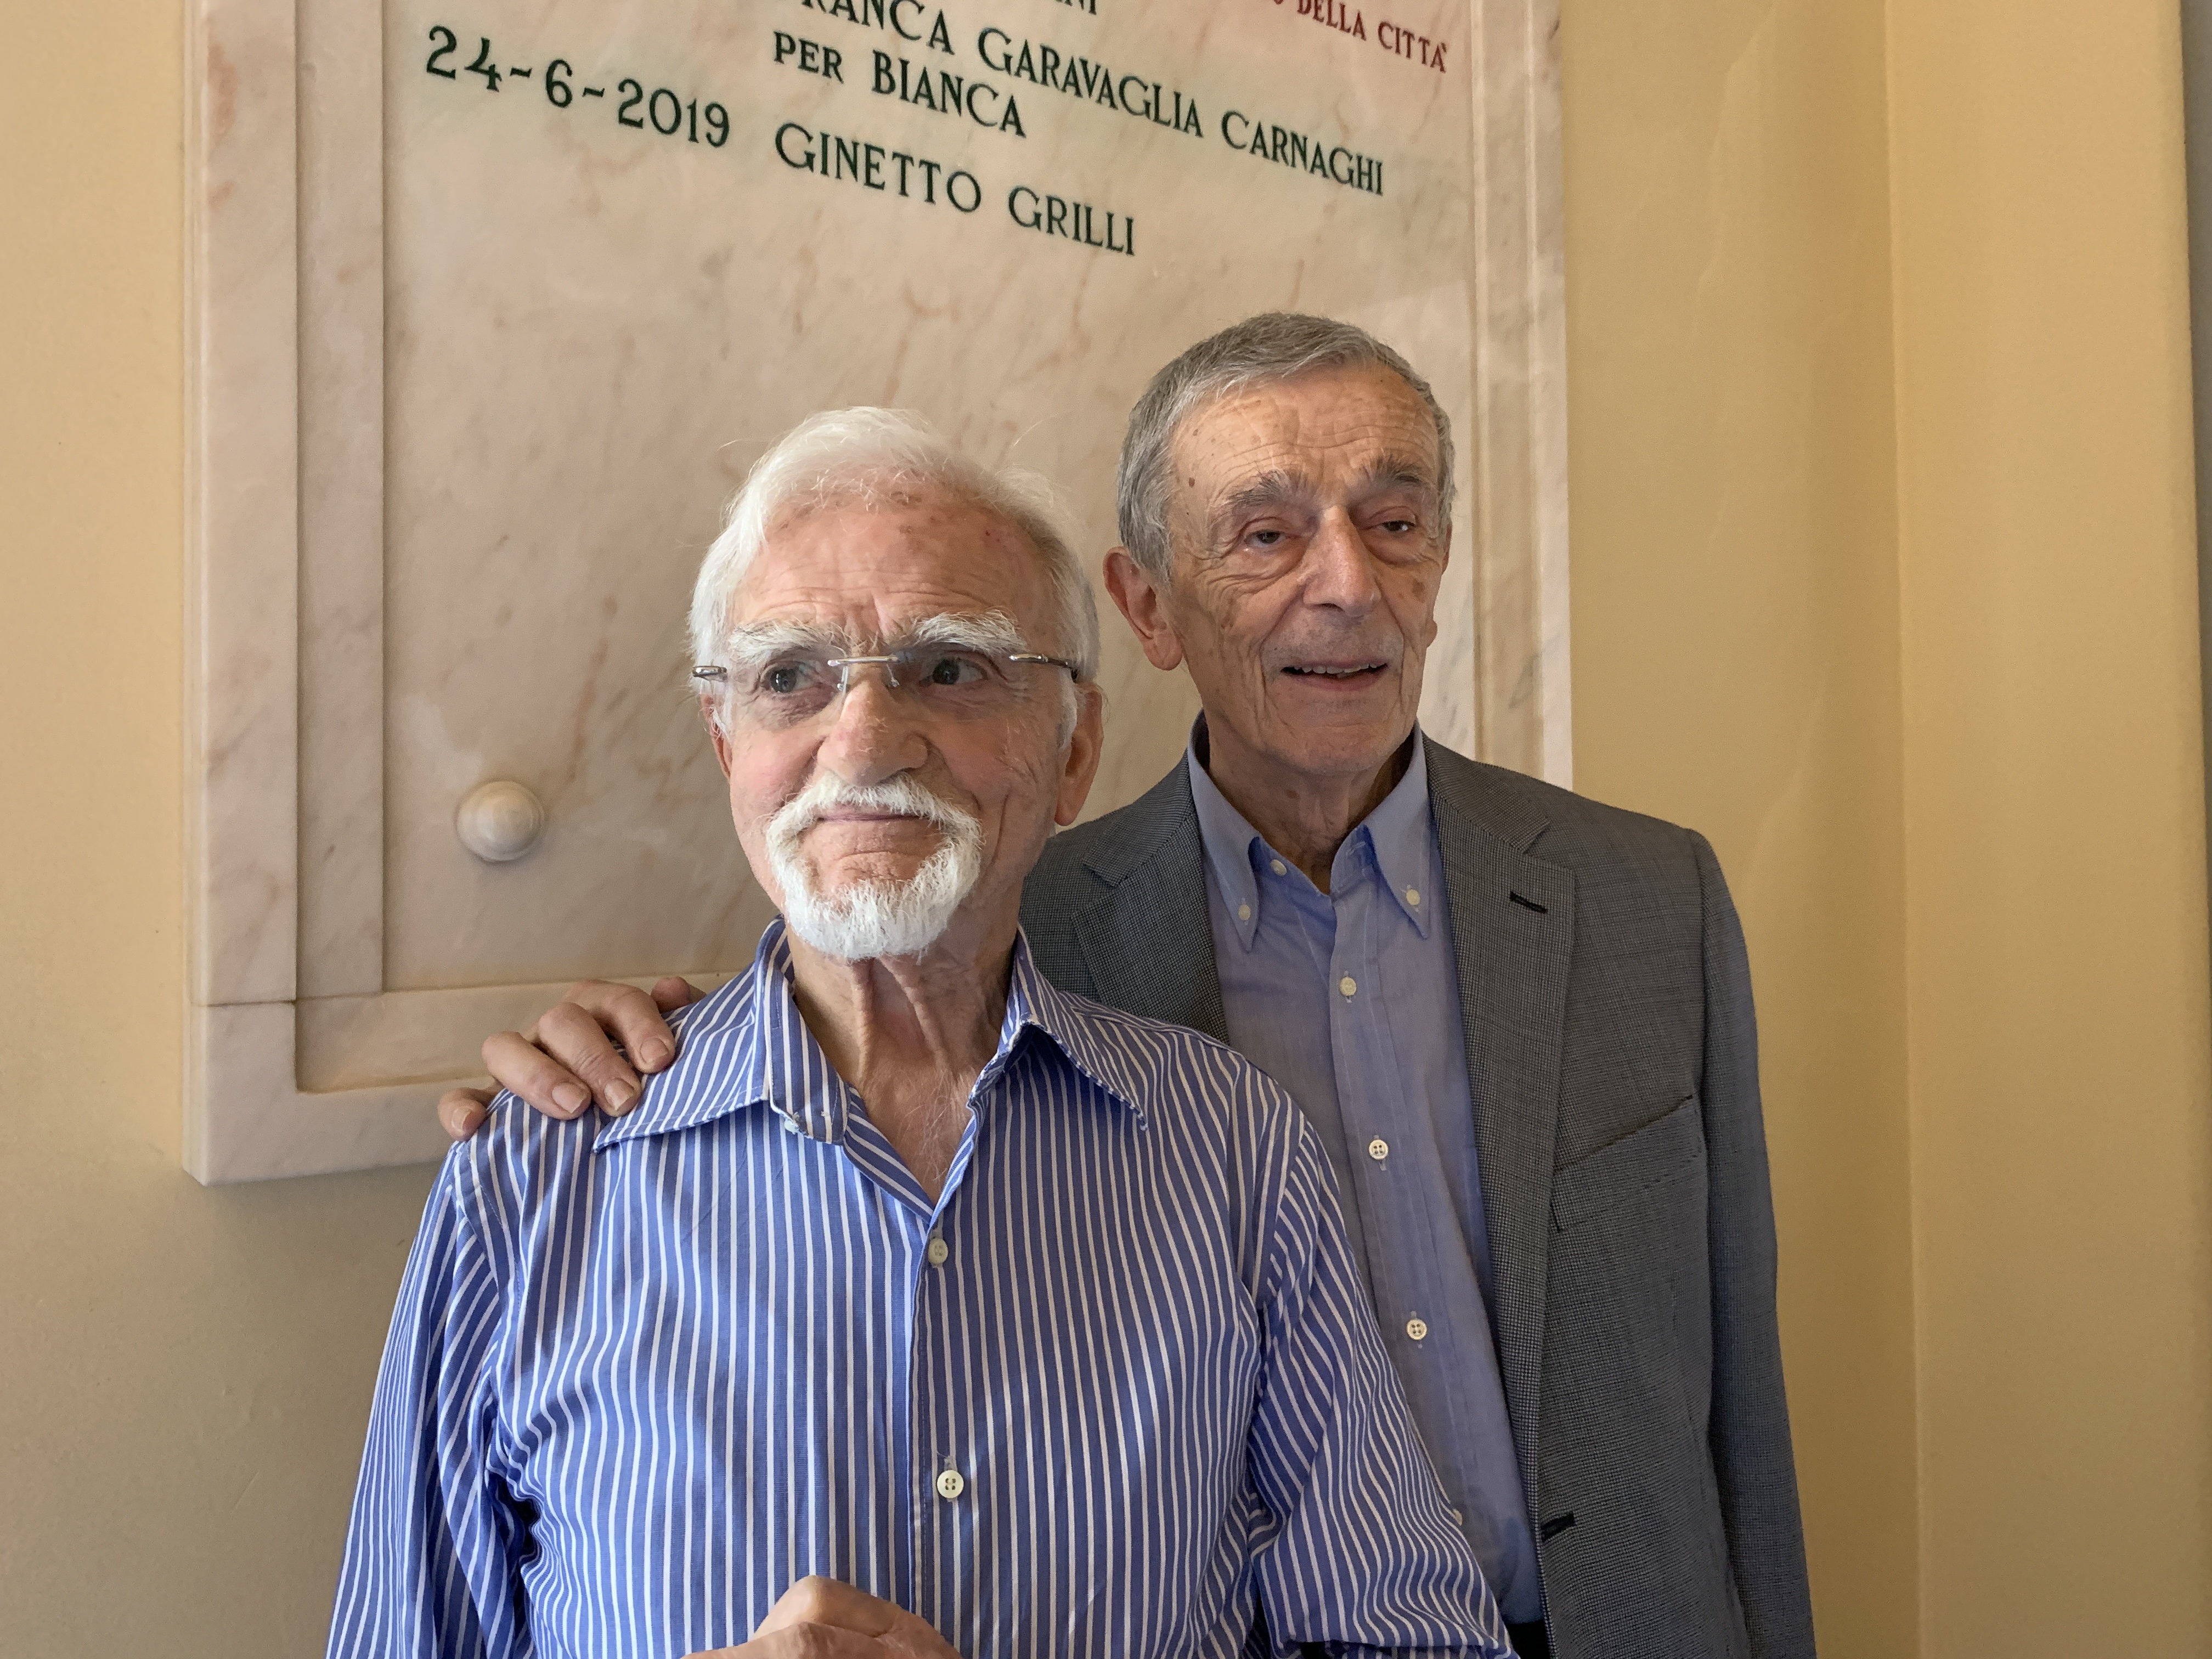 Busto Ginetto Grilli benemerito 2